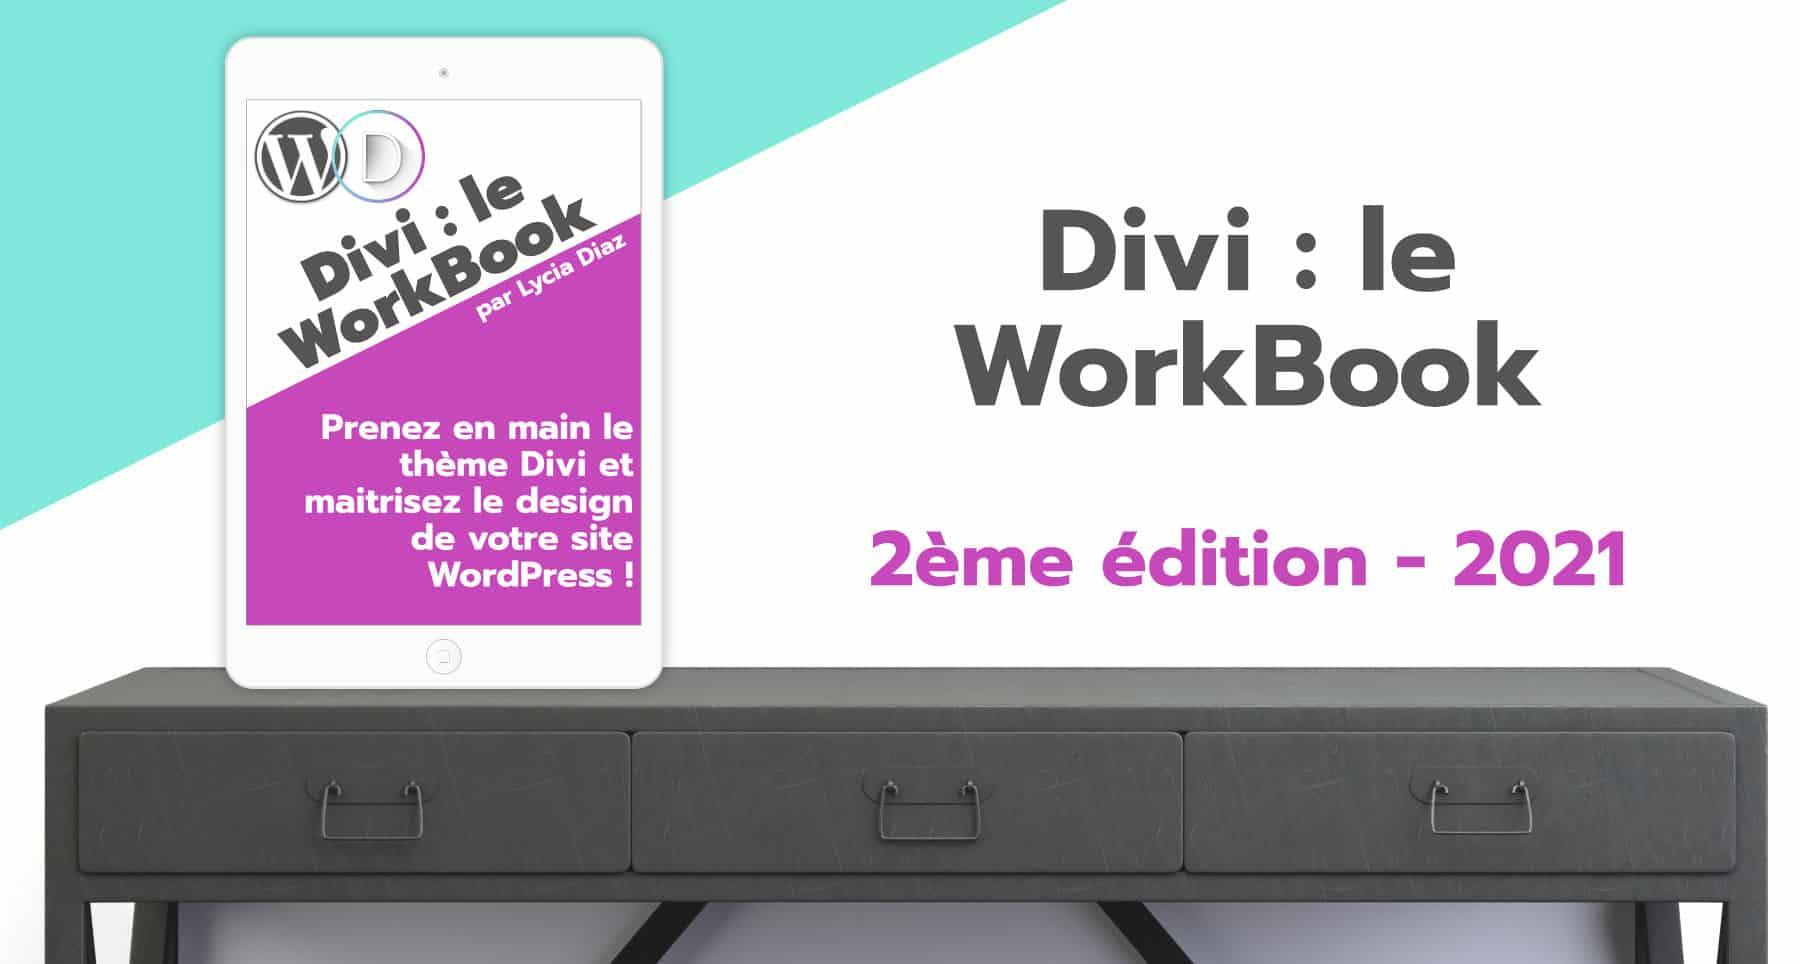 Divi le Workbook 2021